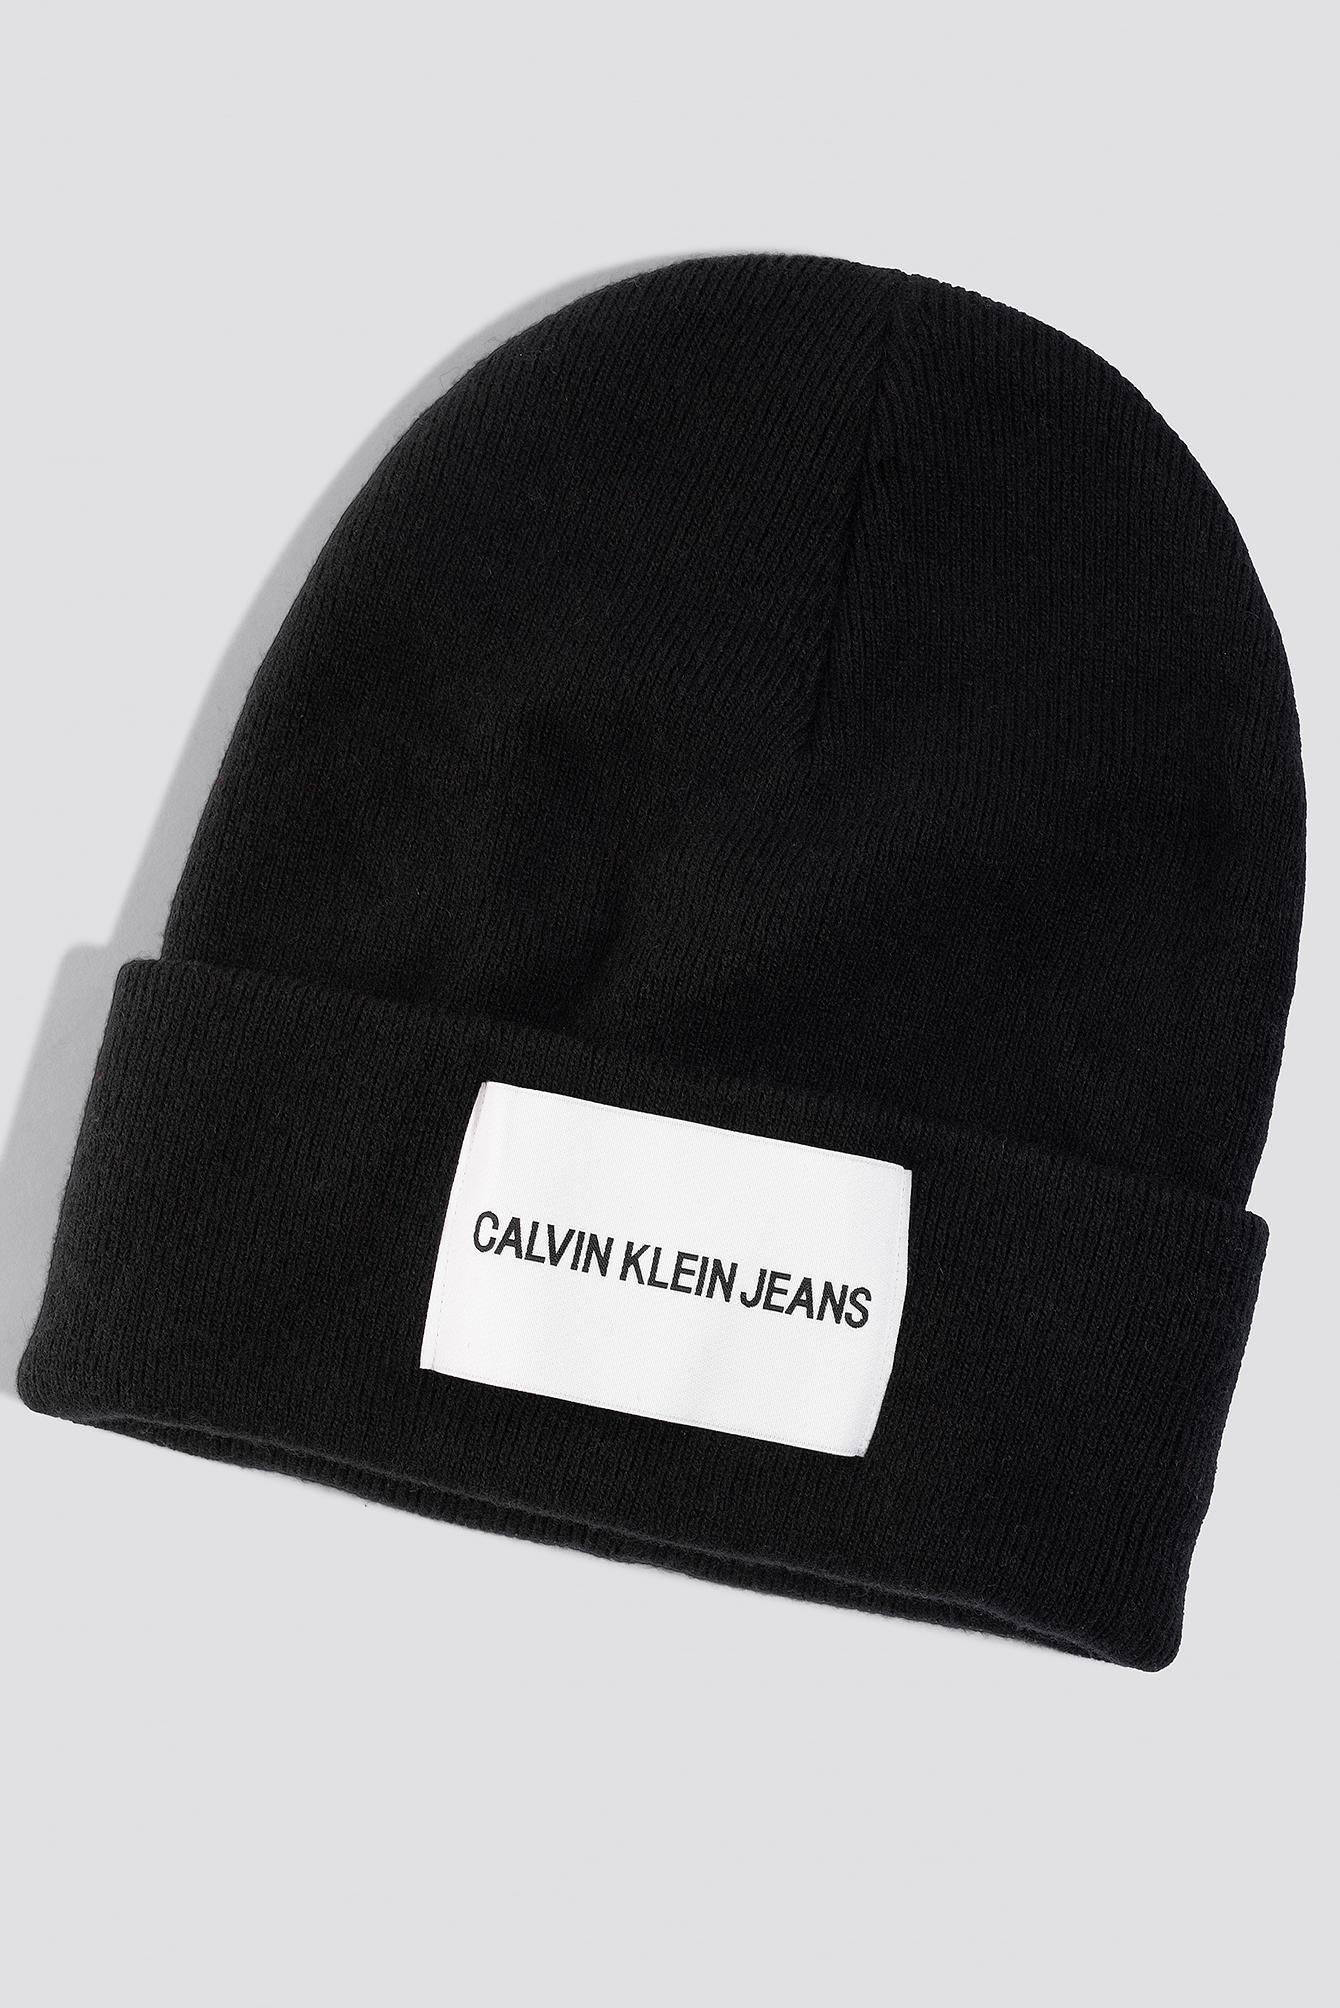 Lyst - Calvin Klein J Jeans Beanie W Black Beauty in Black 68499a21f8b